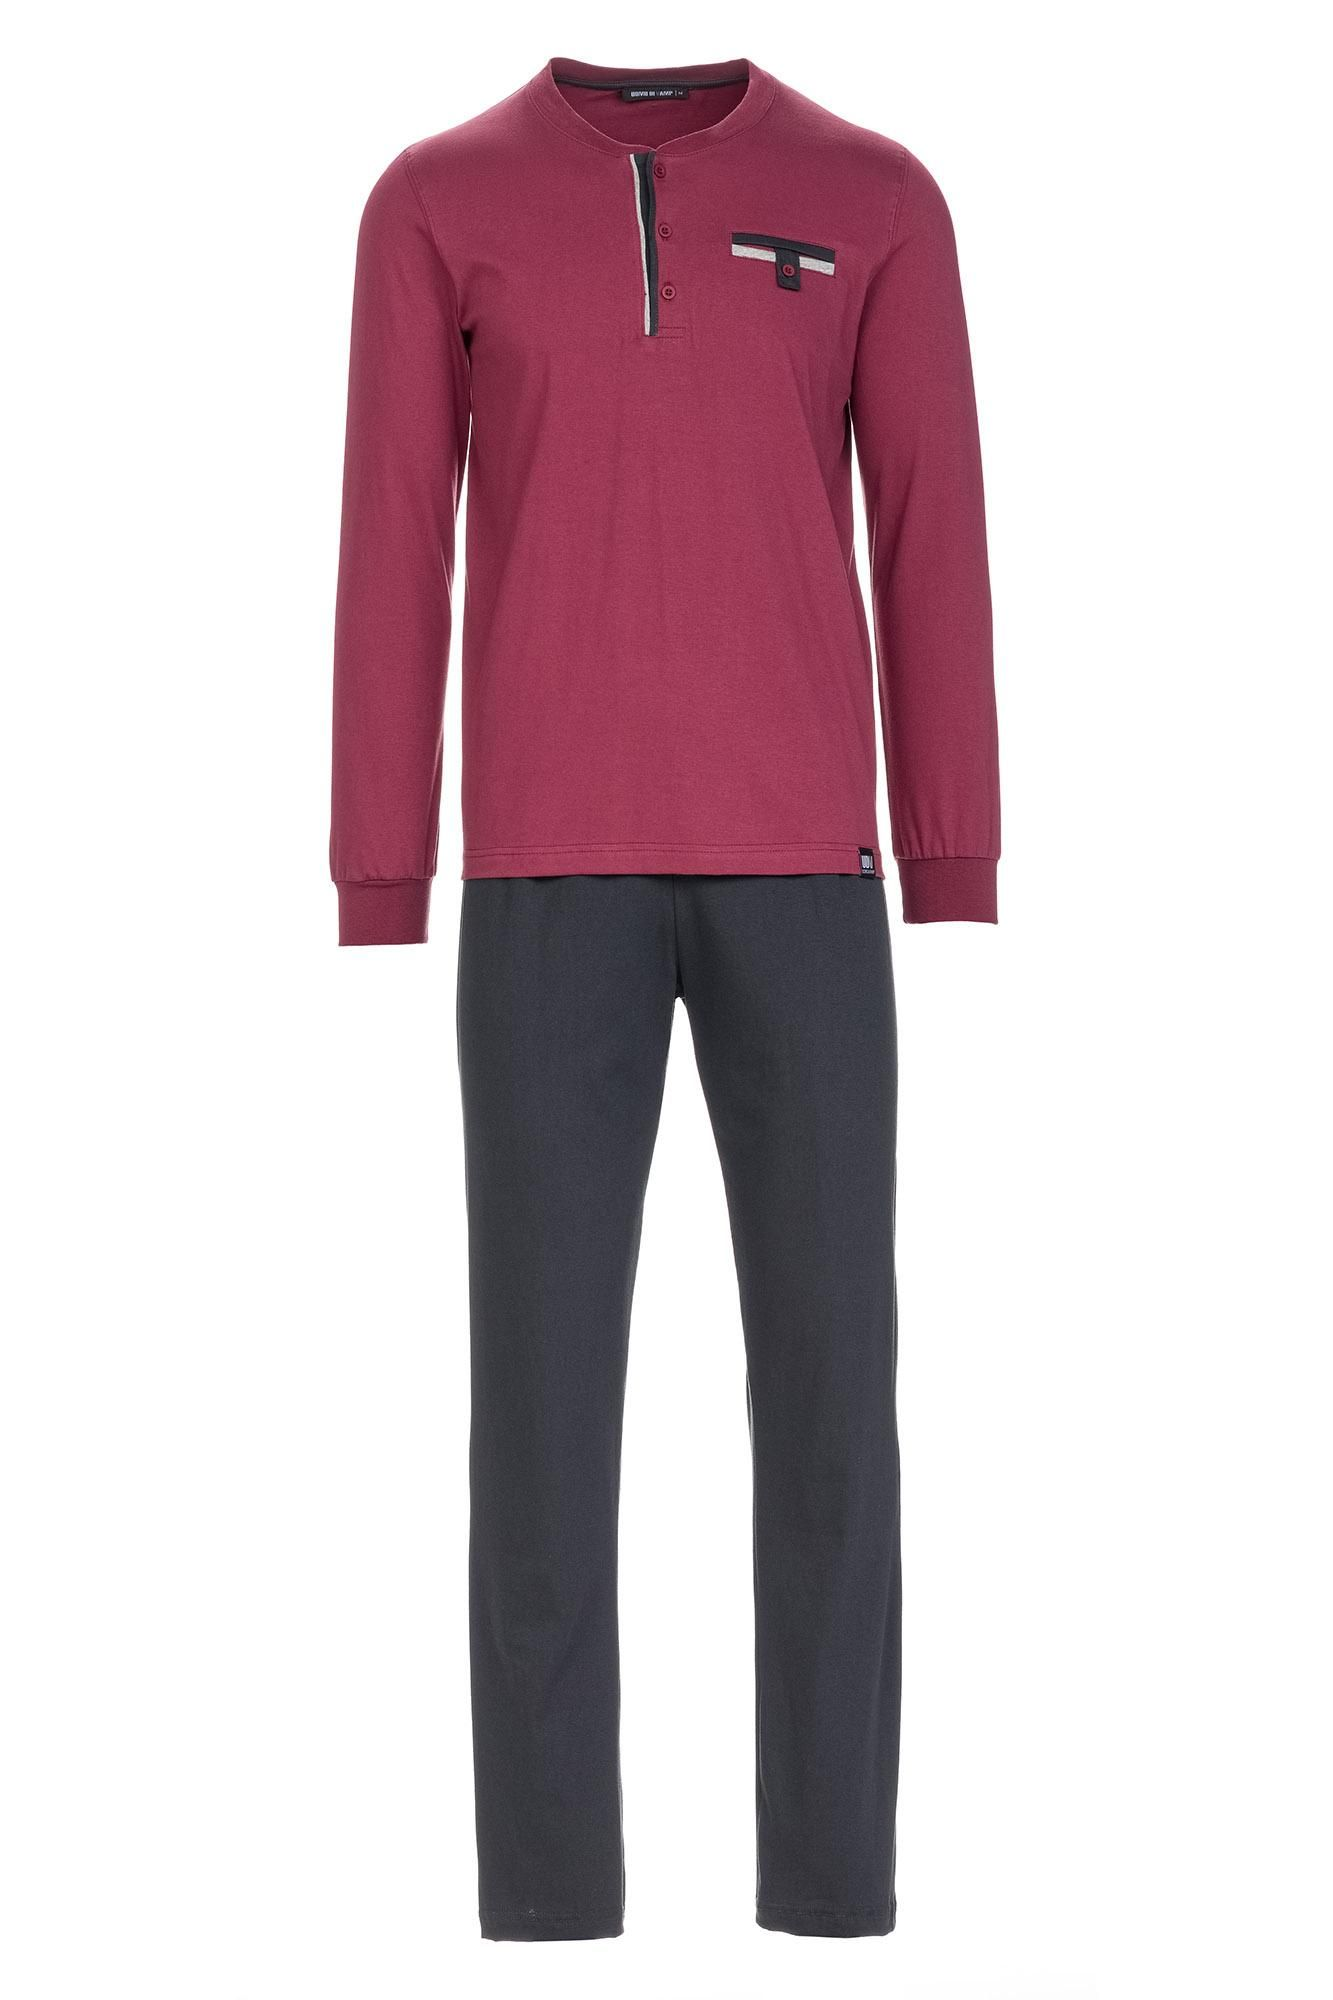 Men's Cotton Pyjamas with Button Placket Plus Size